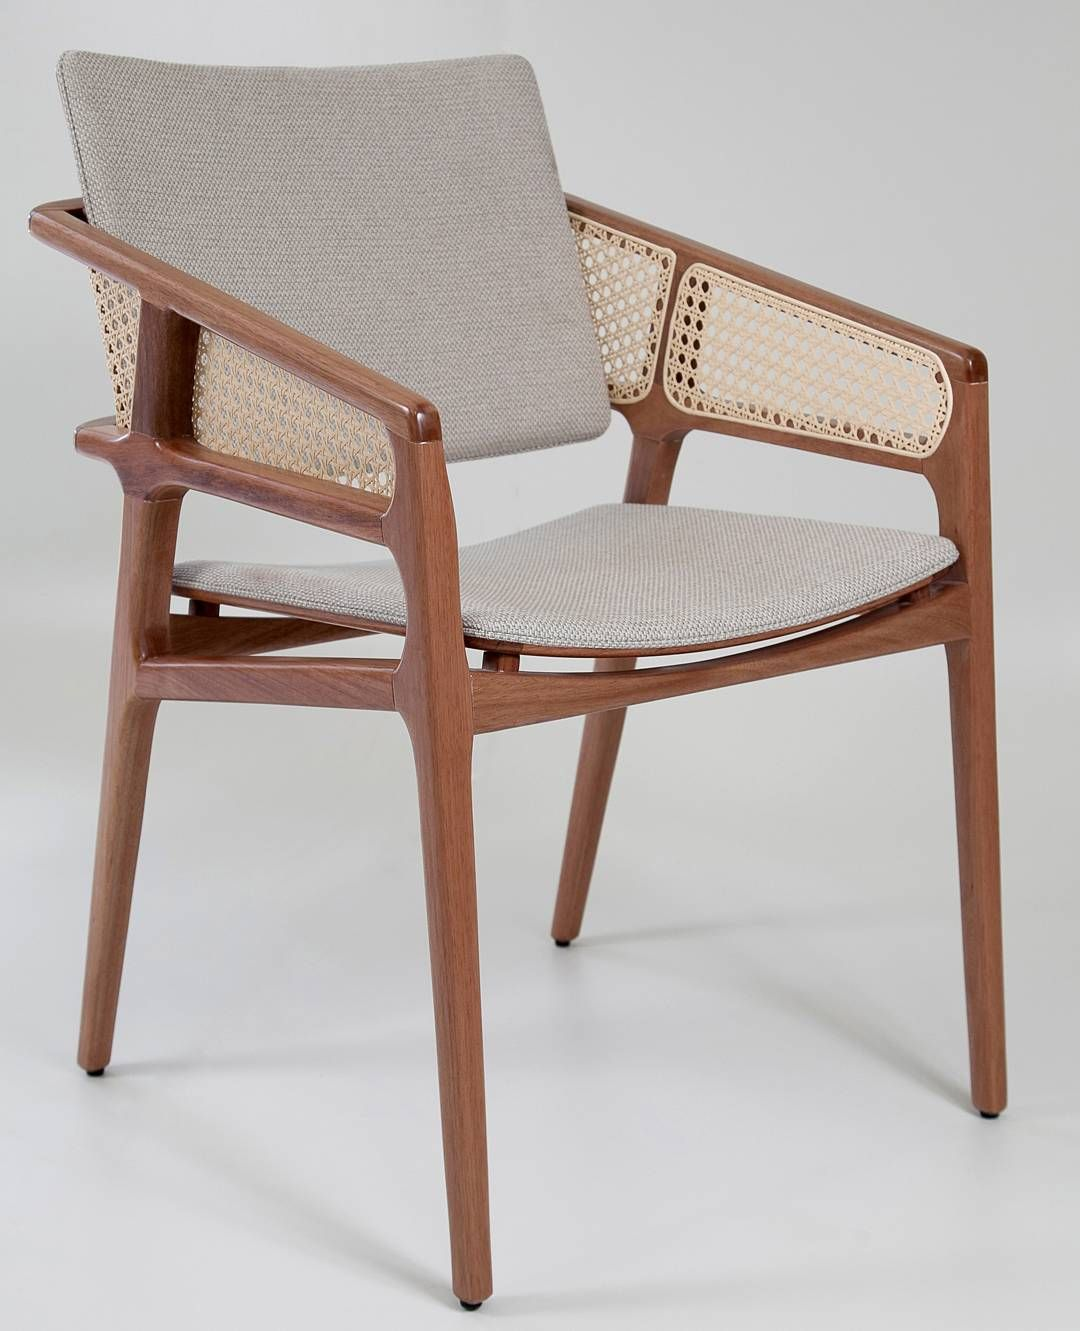 Cadeiras são indispensáveis en qualquer sala de jantar, elas trazem conforto e arrematam a decoração de forma elegante.#dunellicasa #dunellihouse #furniture #design #decoração #interiordesign #décor #sofisticação #moveispersonalizados #instaphoto #contemporaneo #decoration #instadesigner #instacool #home #architecture #projects #casa #luxo #instagood #lifestyle #decorations #interior #arquitetura #inspiração #homedesign #top